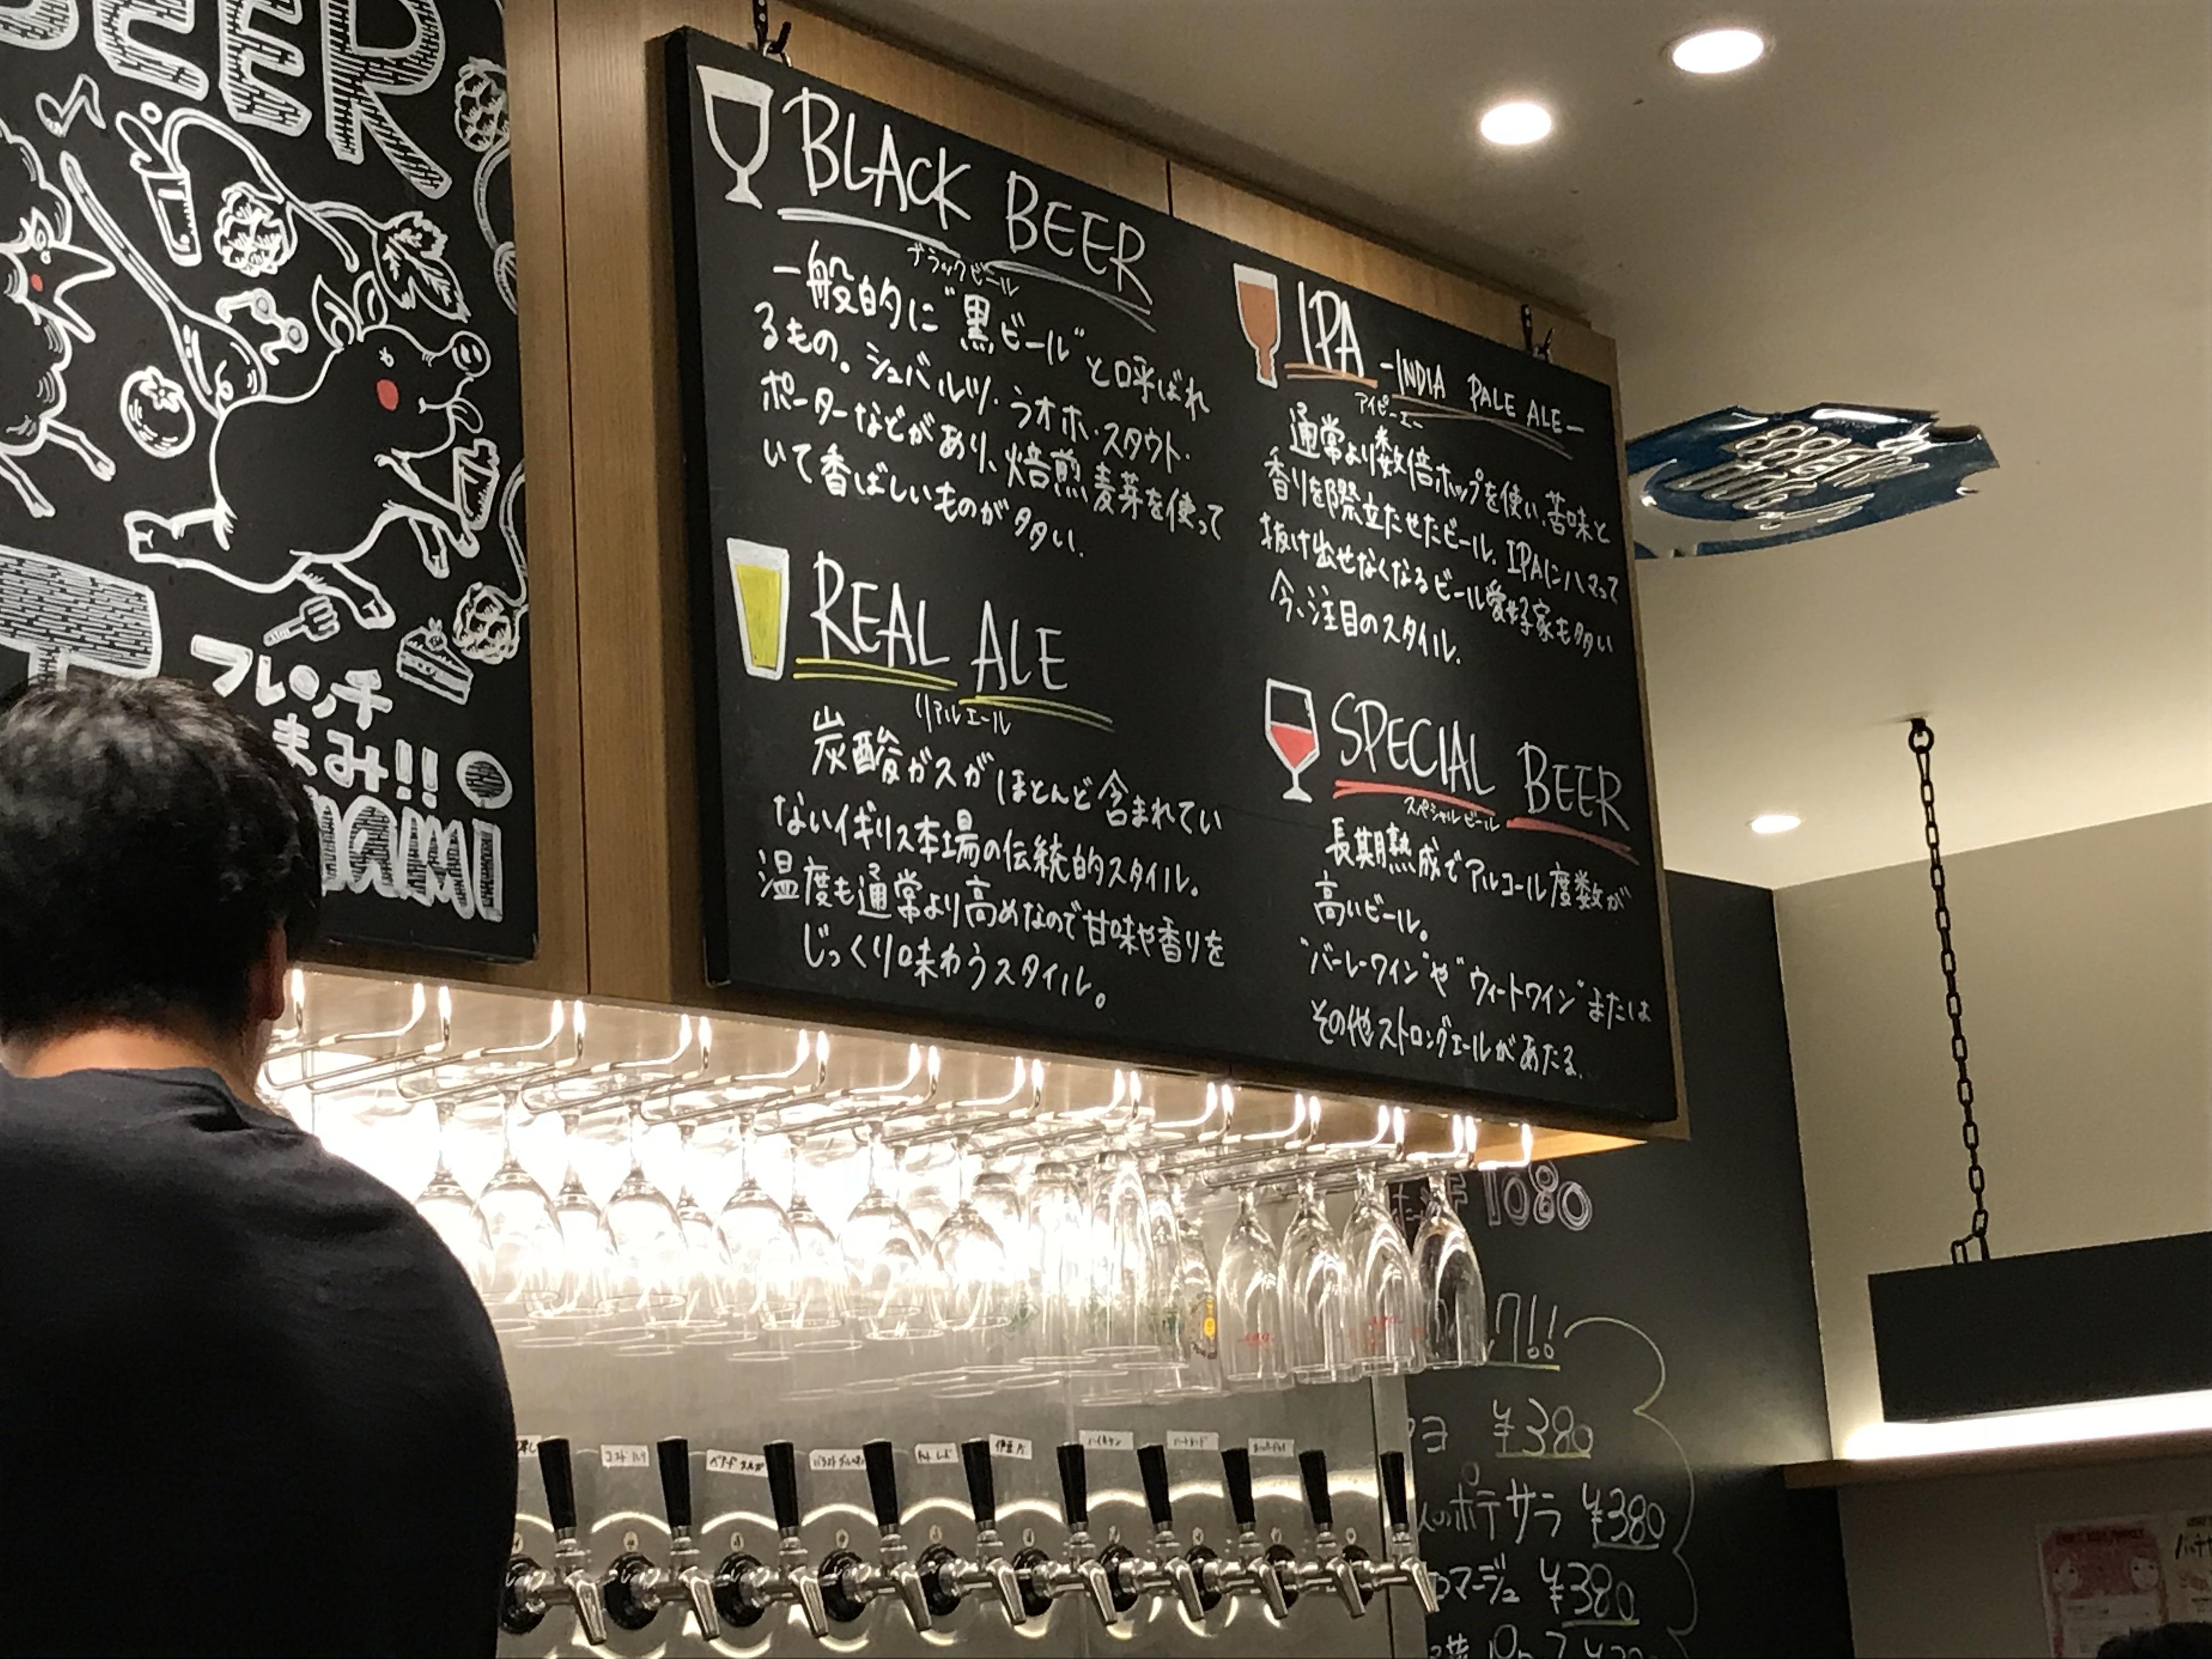 craftbeer-beerserver3